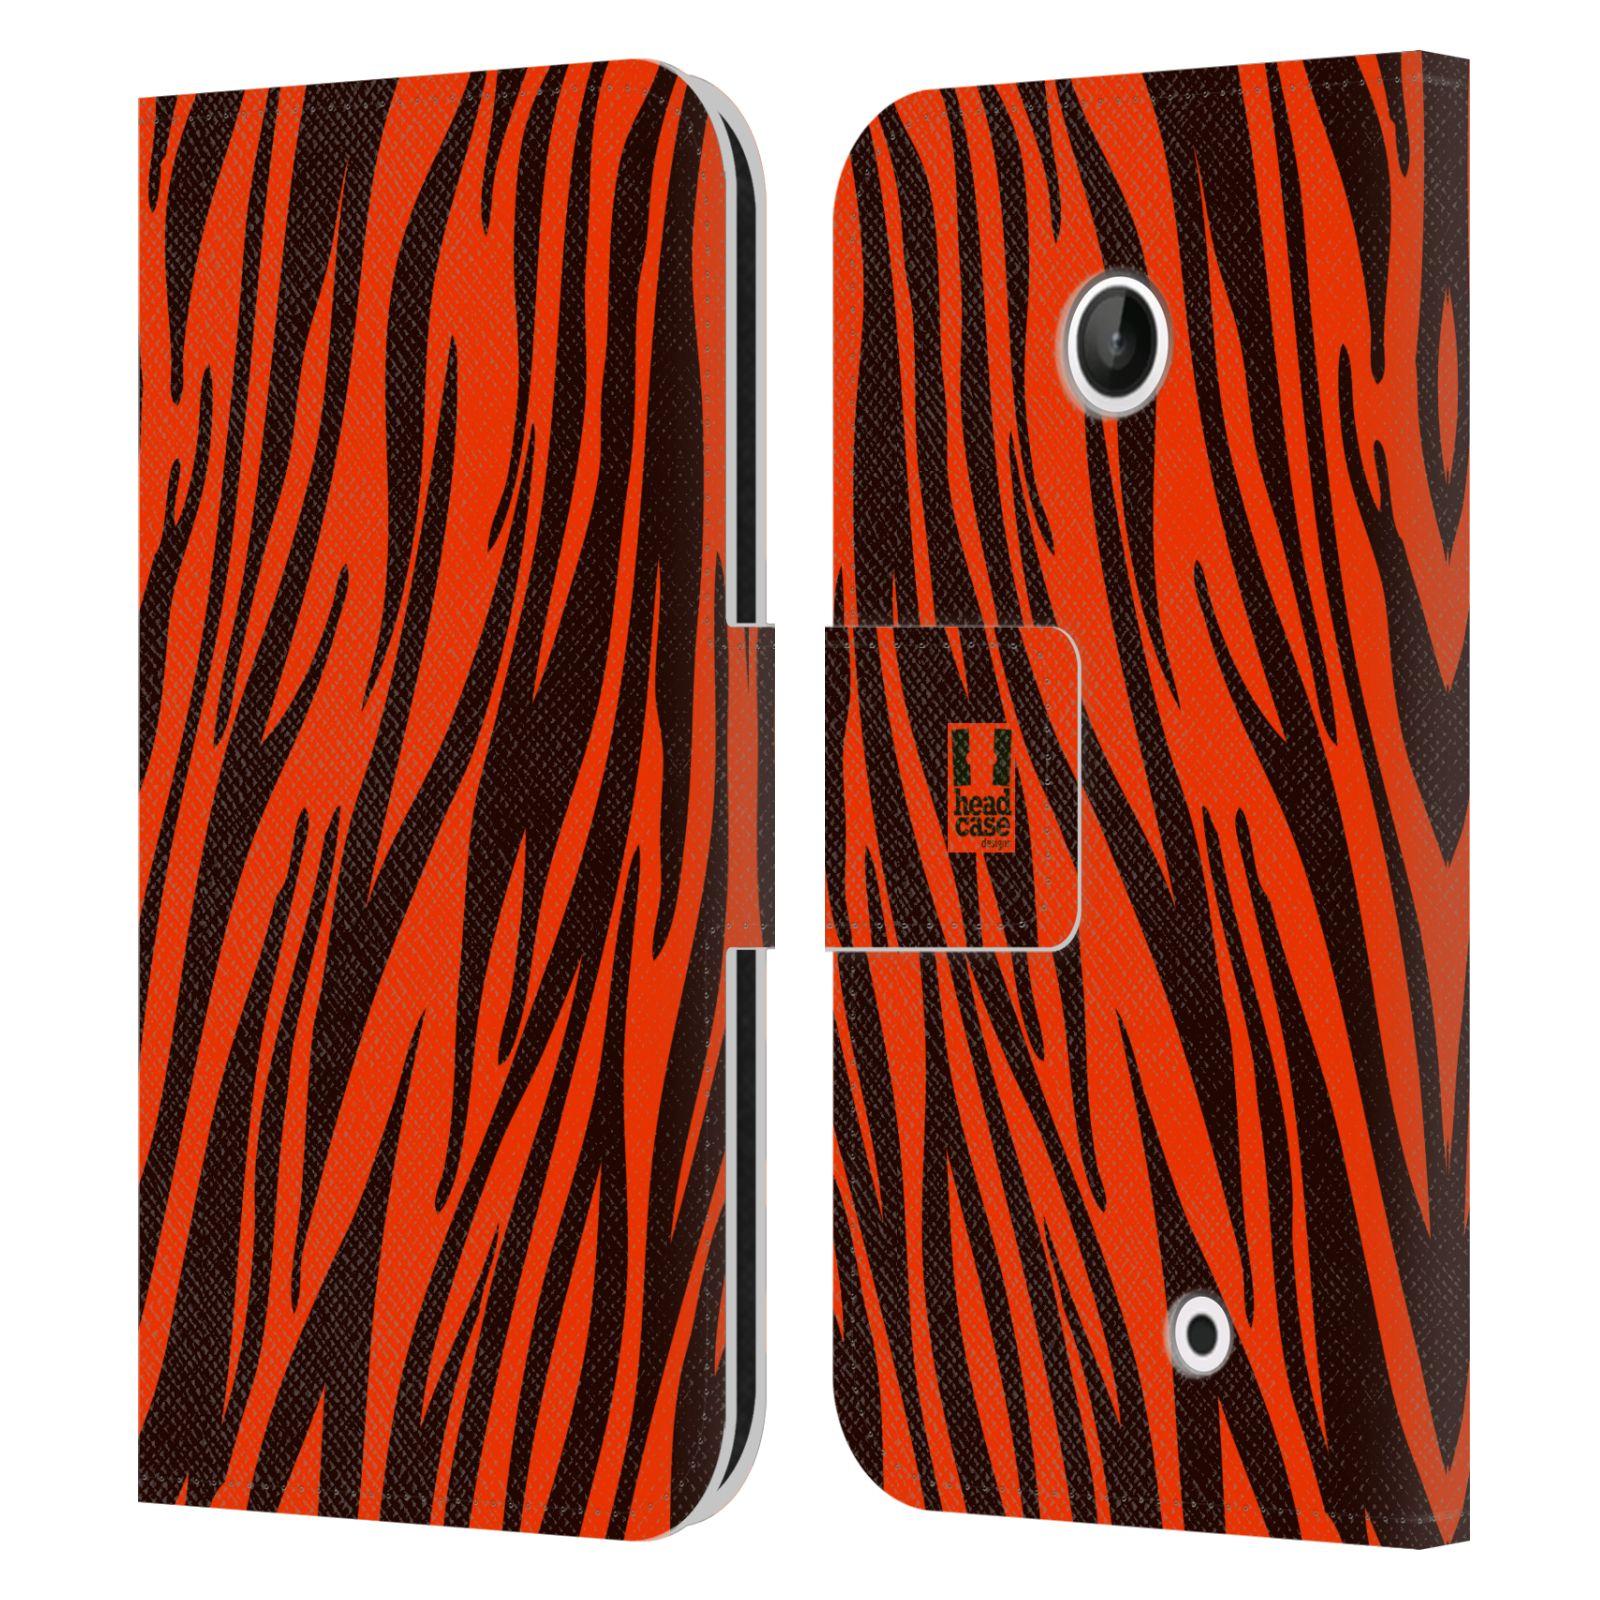 HEAD CASE Flipové pouzdro pro mobil NOKIA LUMIA 630 / LUMIA 630 DUAL Zvířecí barevné vzory oranžový tygr